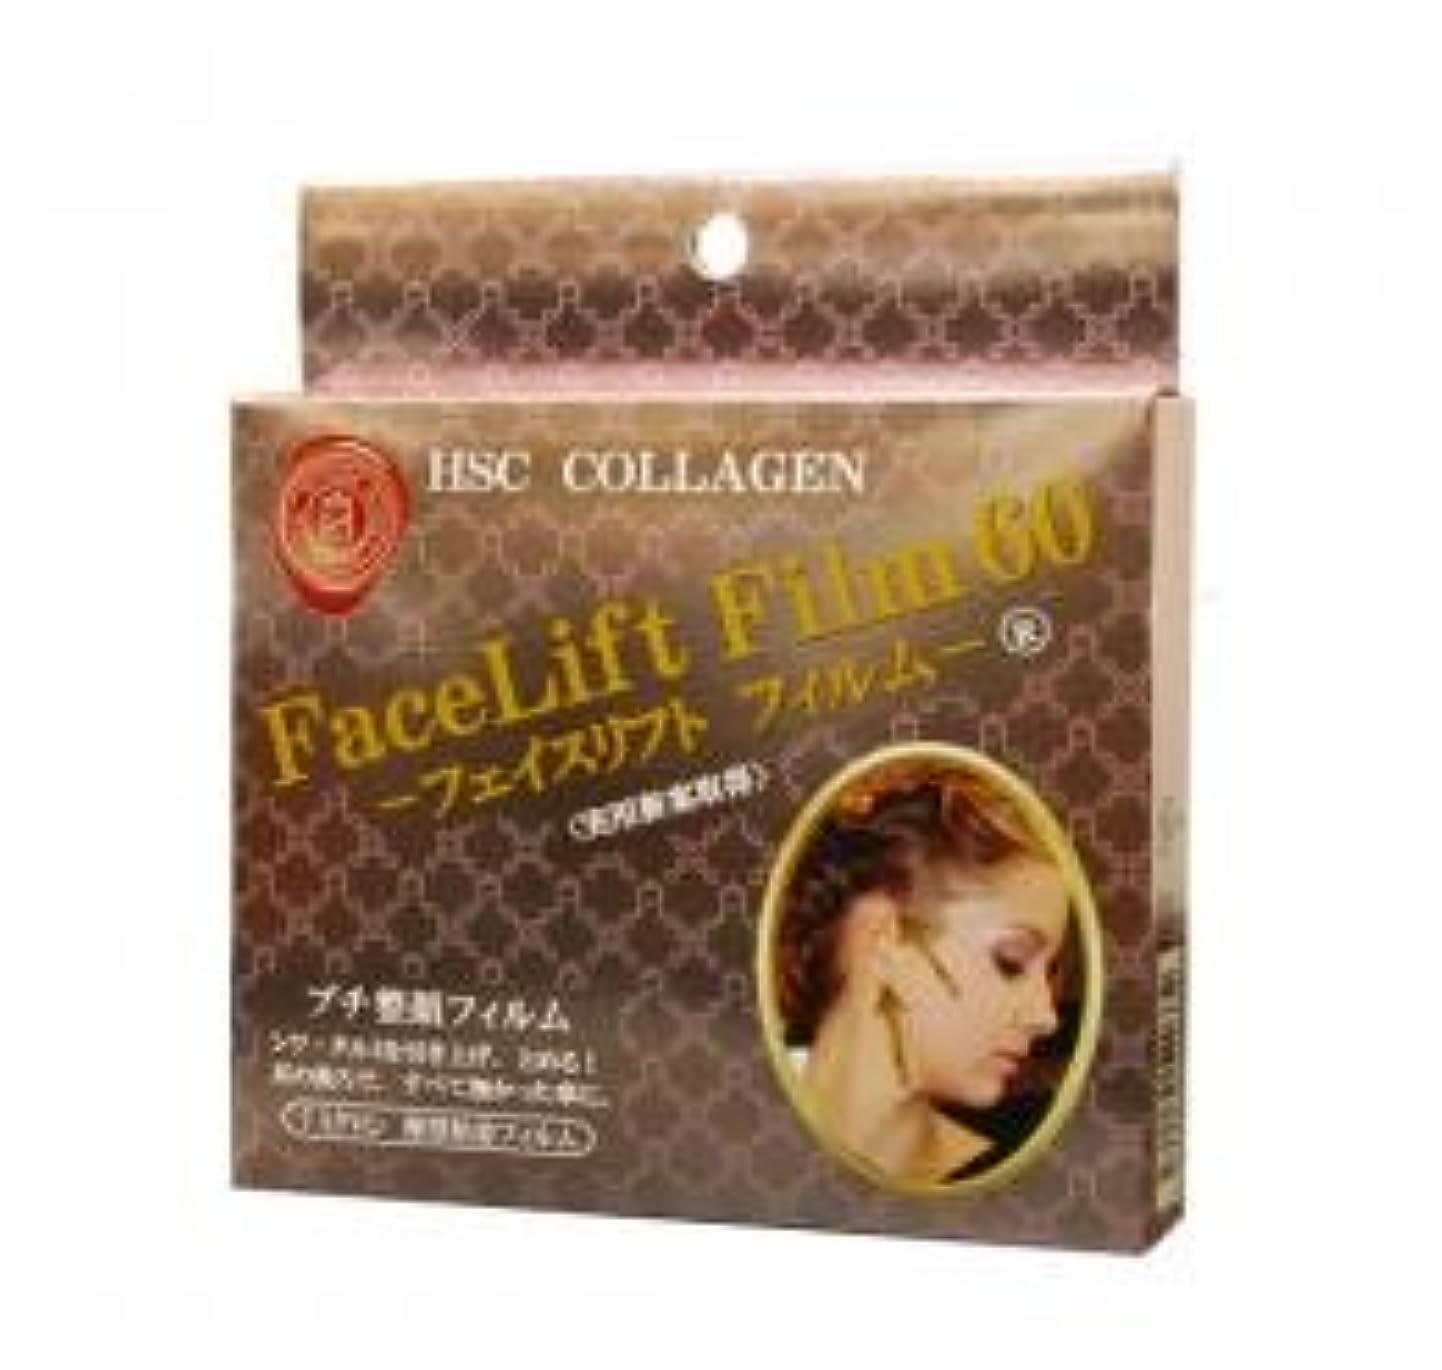 チップ組み込む保存HSC FaceLift Film 60(フェイスリフトフィルム60枚入)